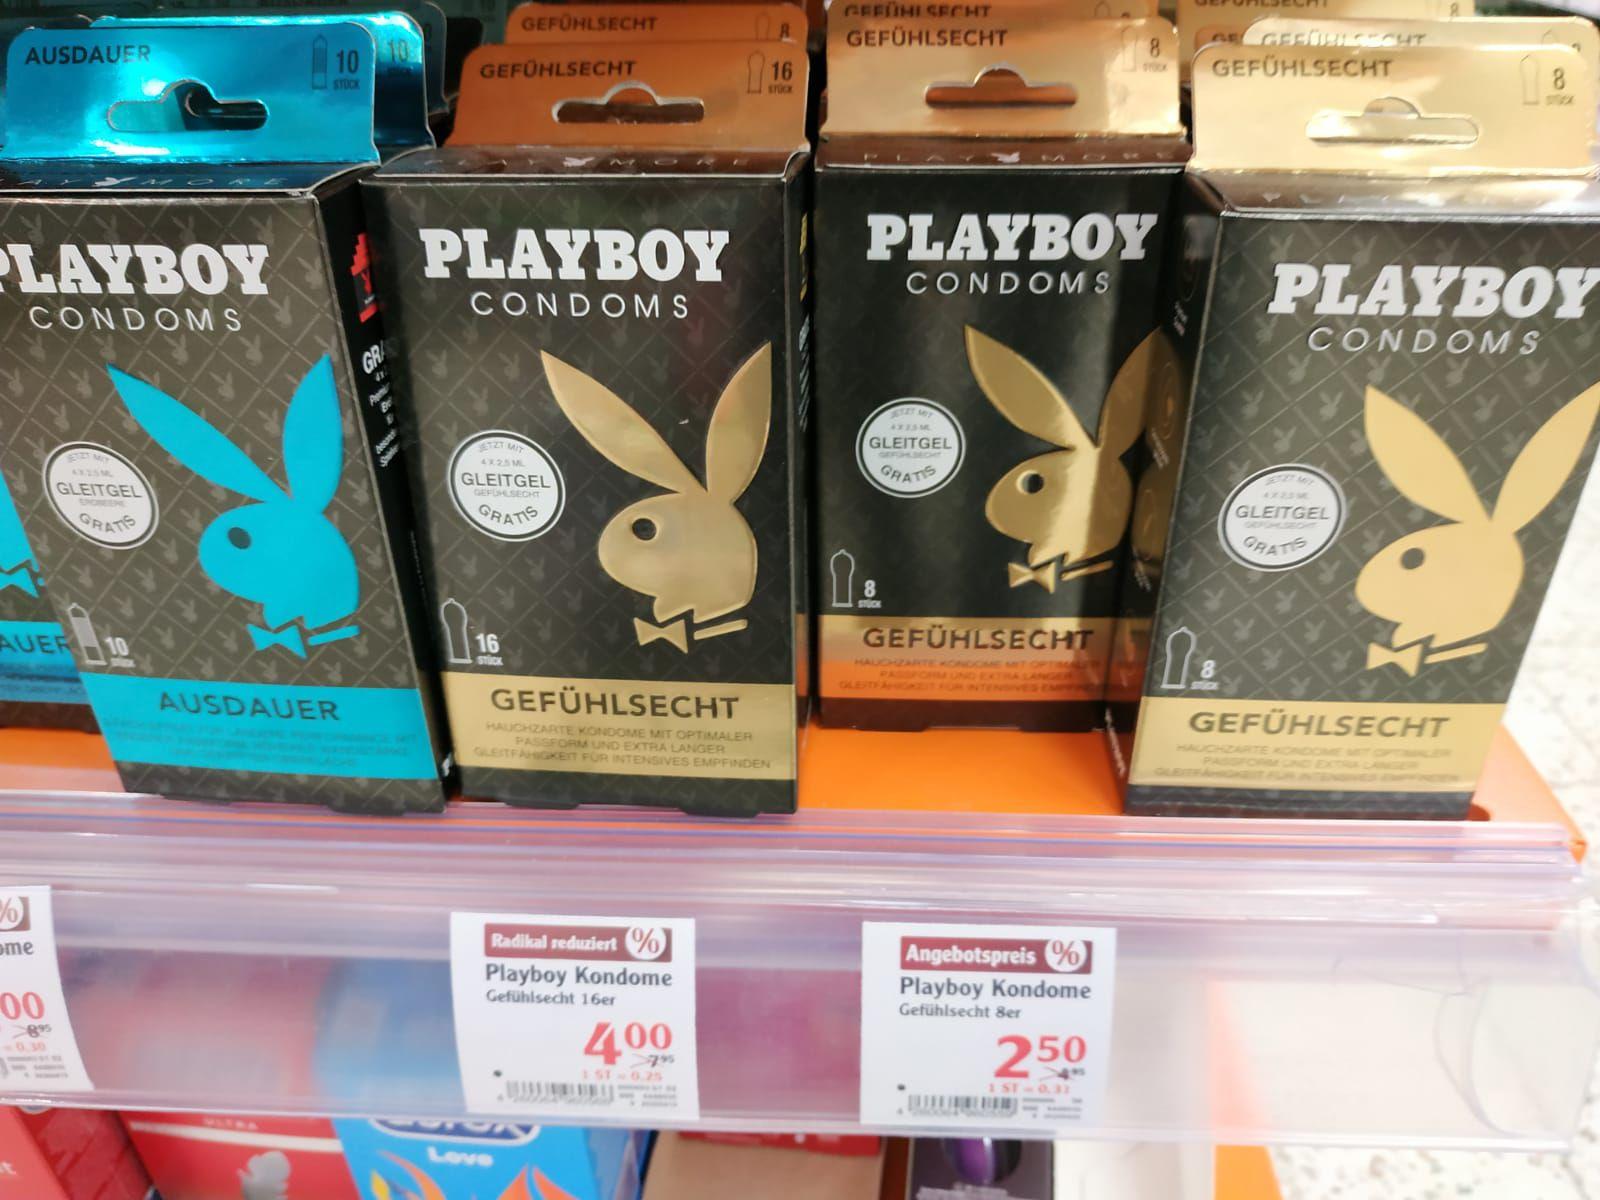 Lokal Globus Köln - Playboy Kondome 8 Stück für 2.50€ und 16 Stück für 4€